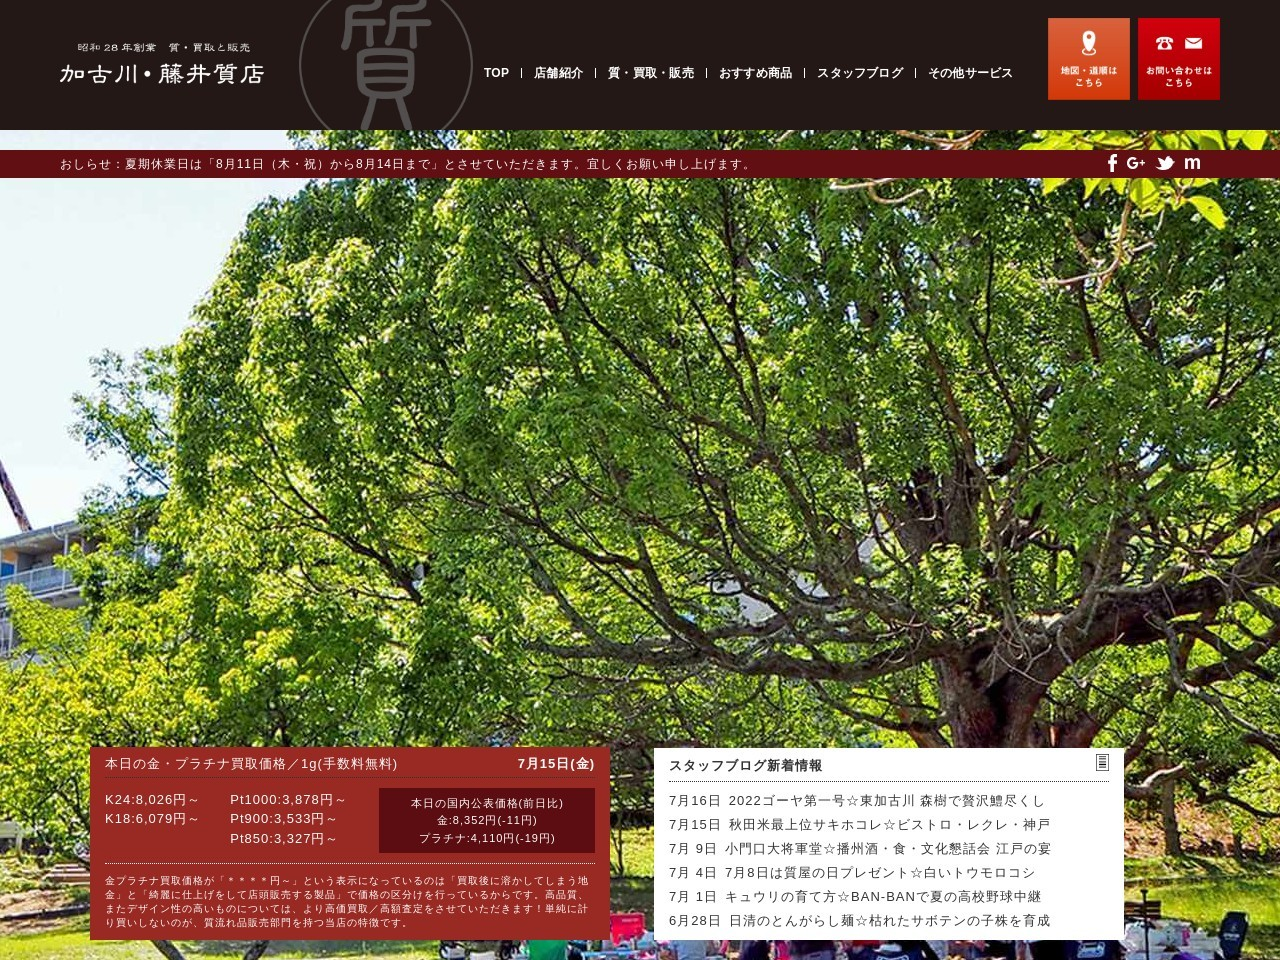 加古川・藤井質店(JR加古川駅前の質屋・リサイクル店。金プラチナ・宝石・ブランド品・電化製品の質・買取と販売)|トップページ